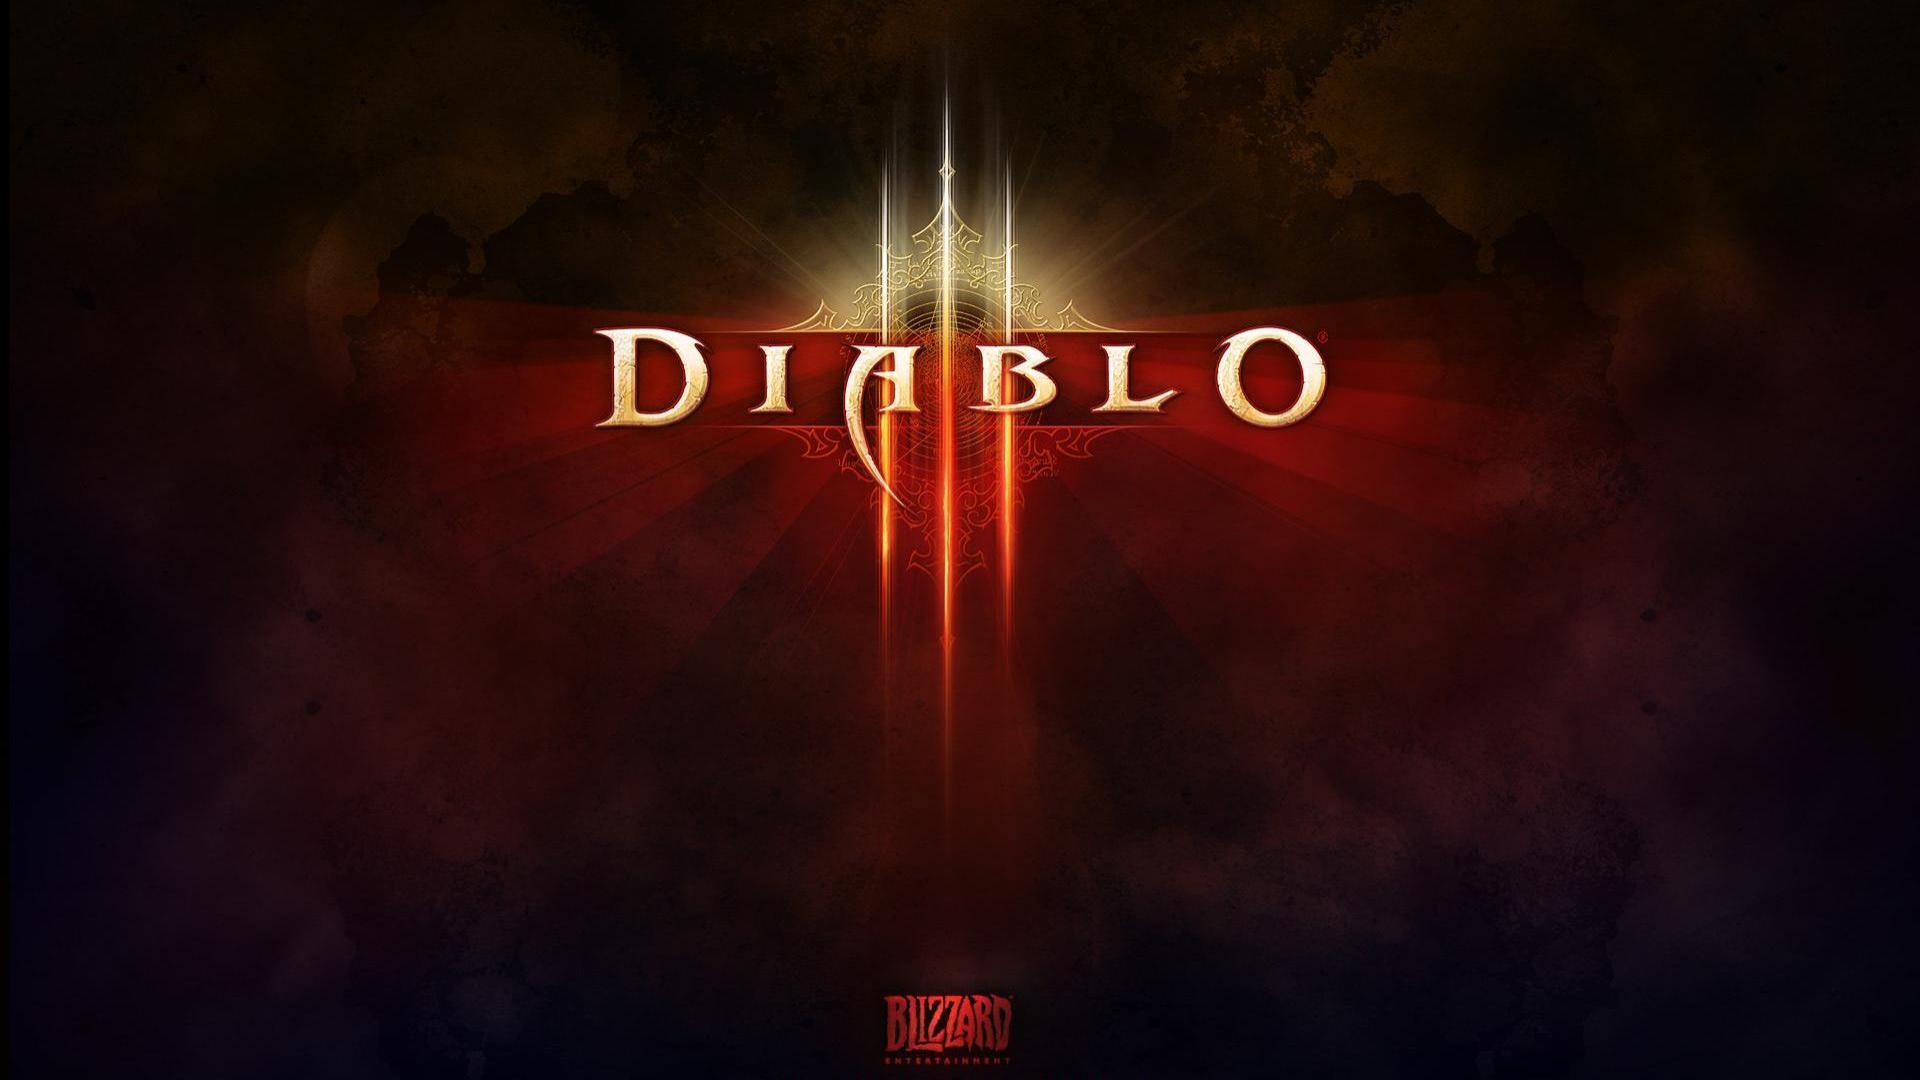 Крымчанам запретили играть в World of Warcraft и Diablo. - Изображение 1